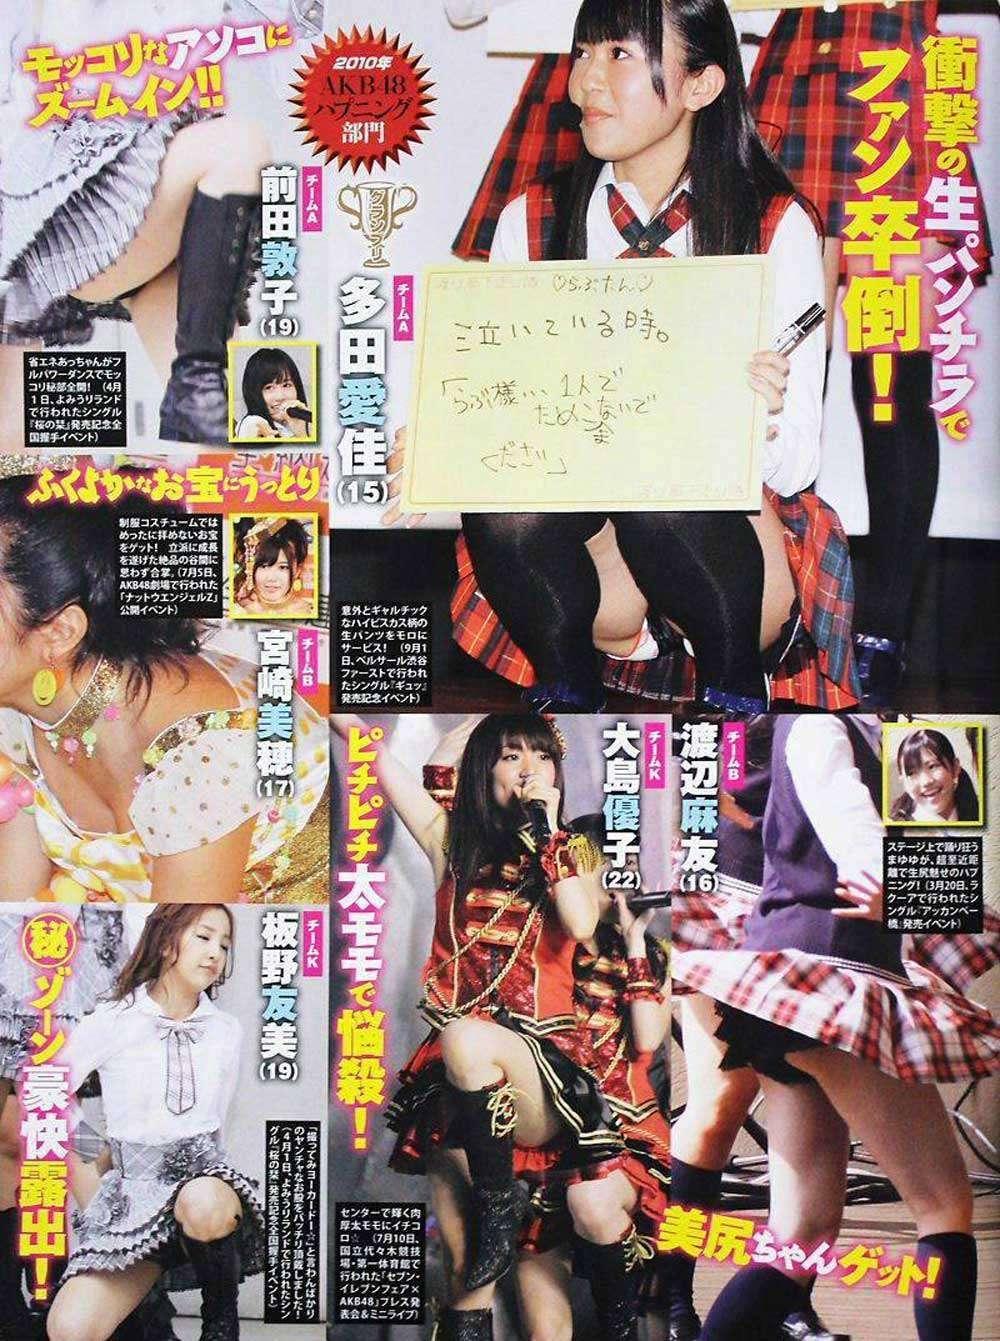 板野友美モロにマンスジやハミマンエロGIF画像